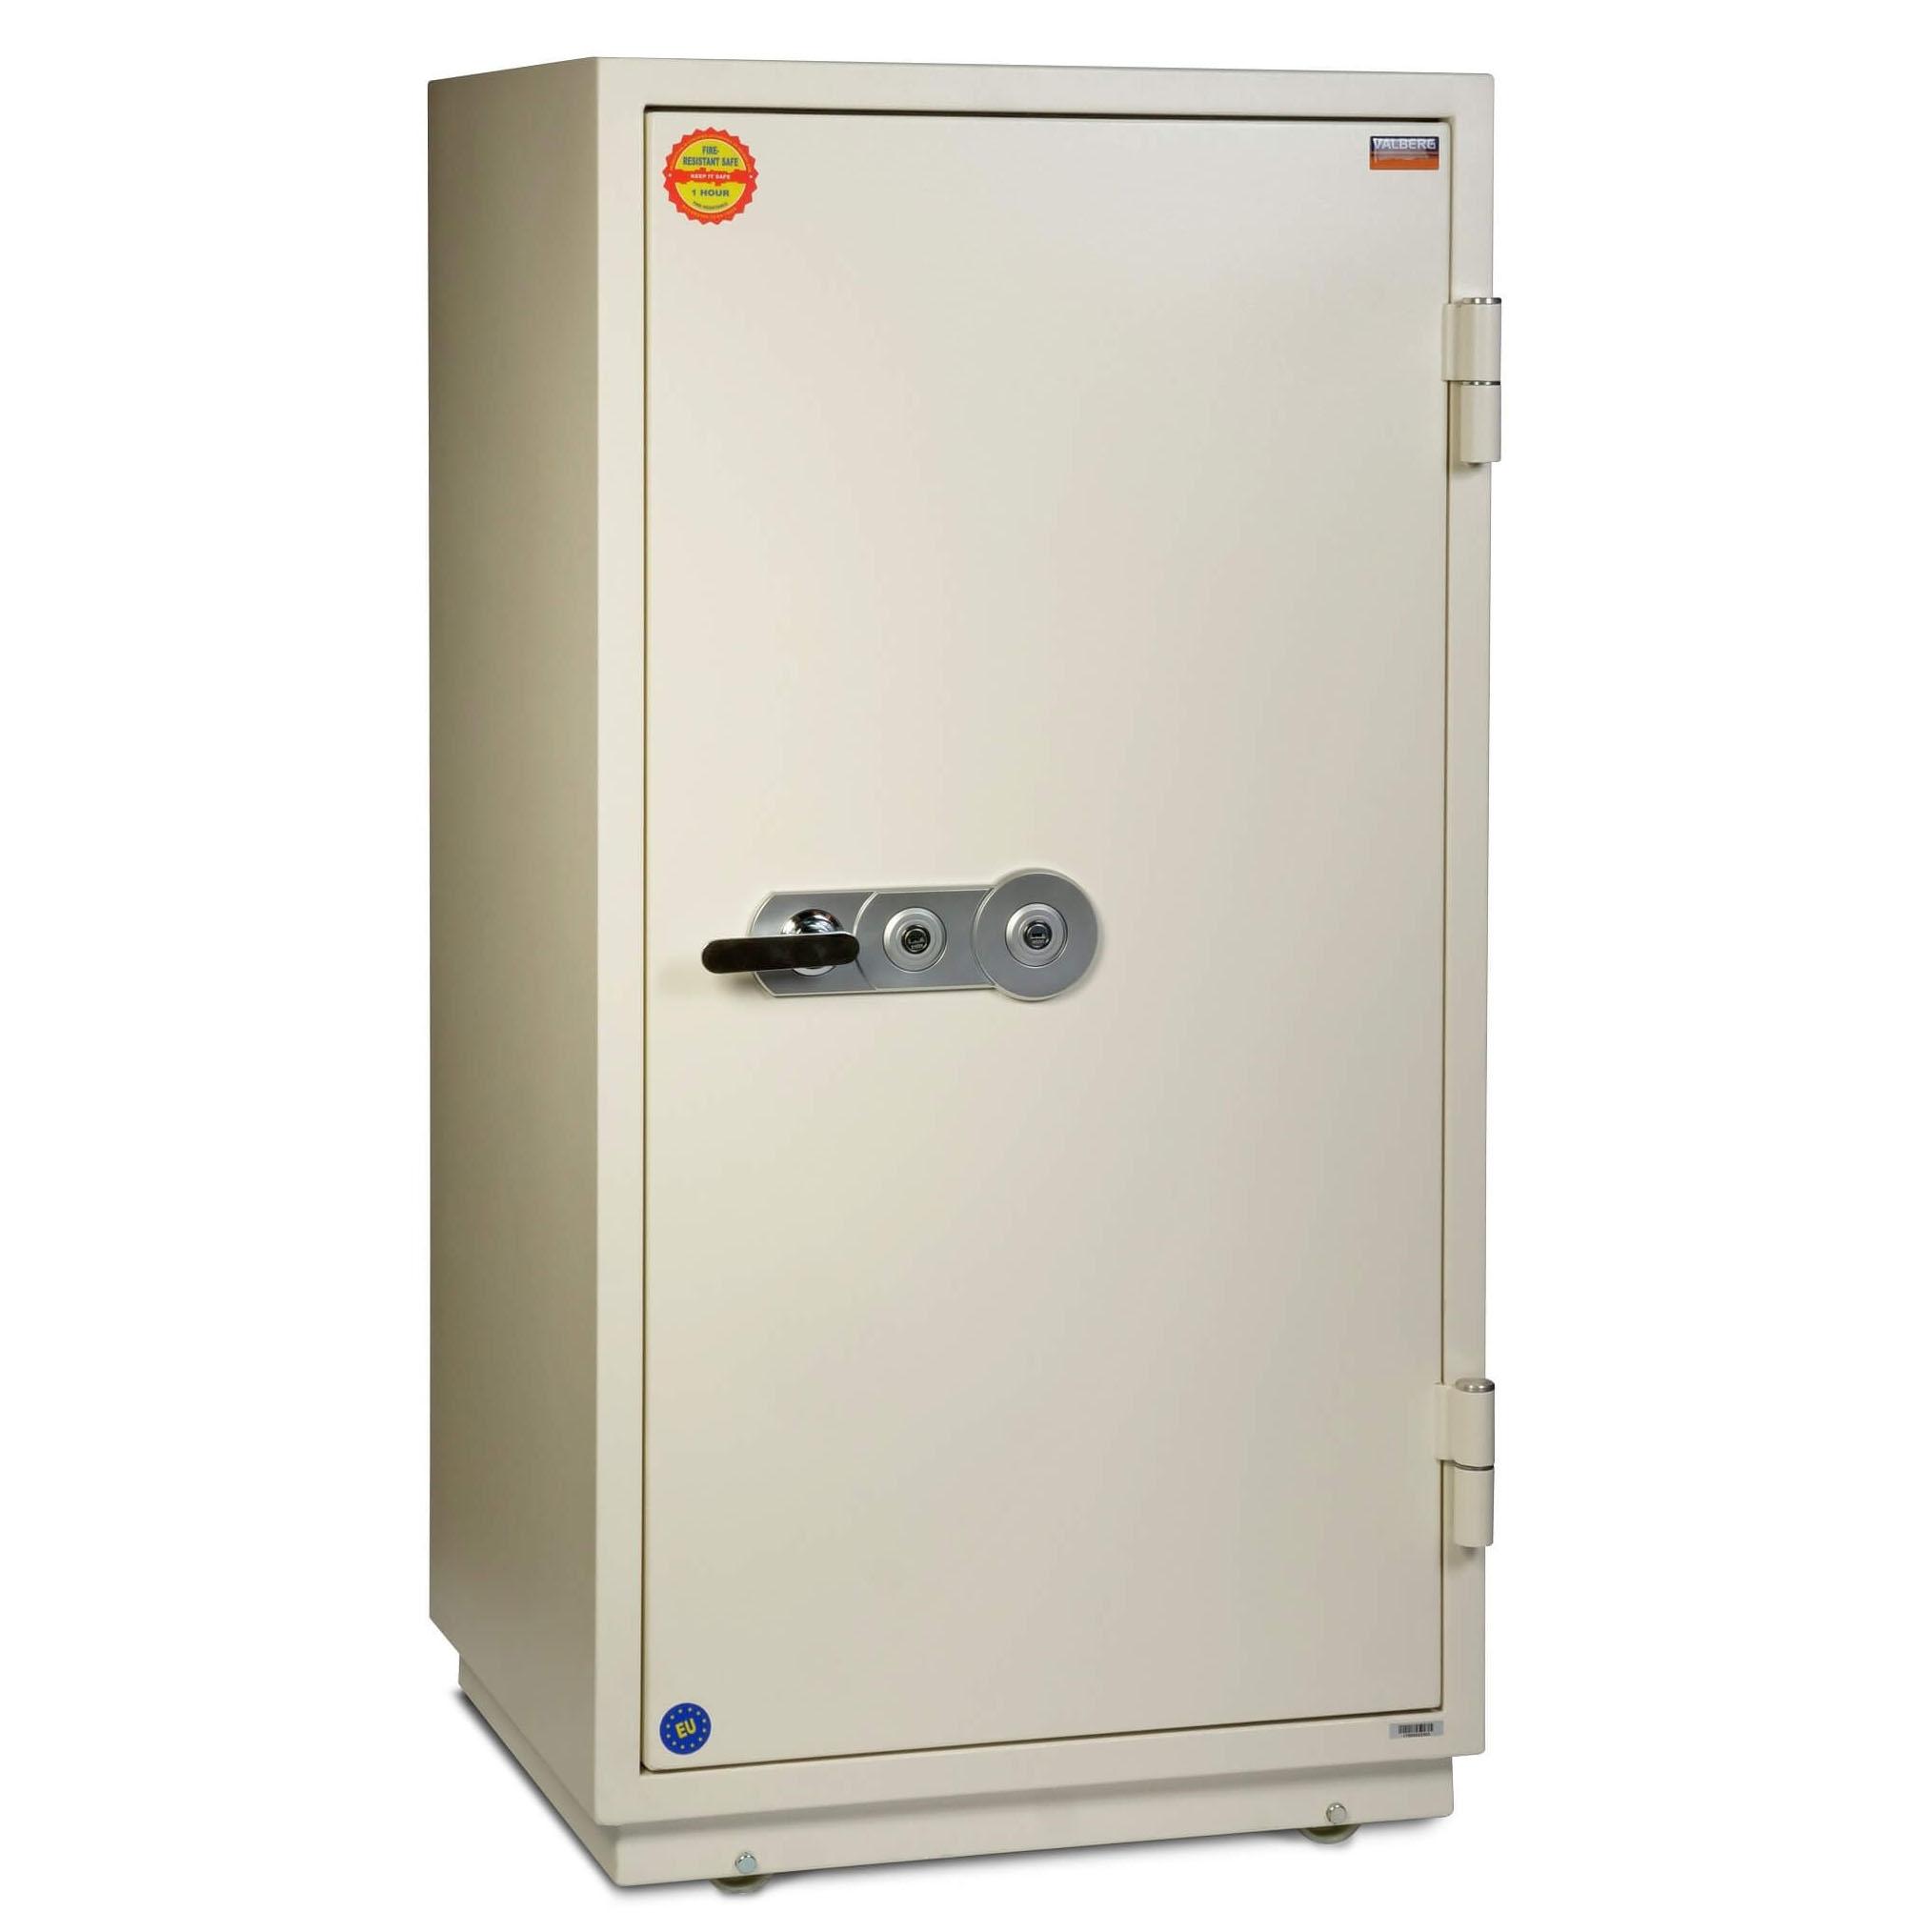 Valberg FRS 133 T-KL 2-Keylock Fire Resistant Safe